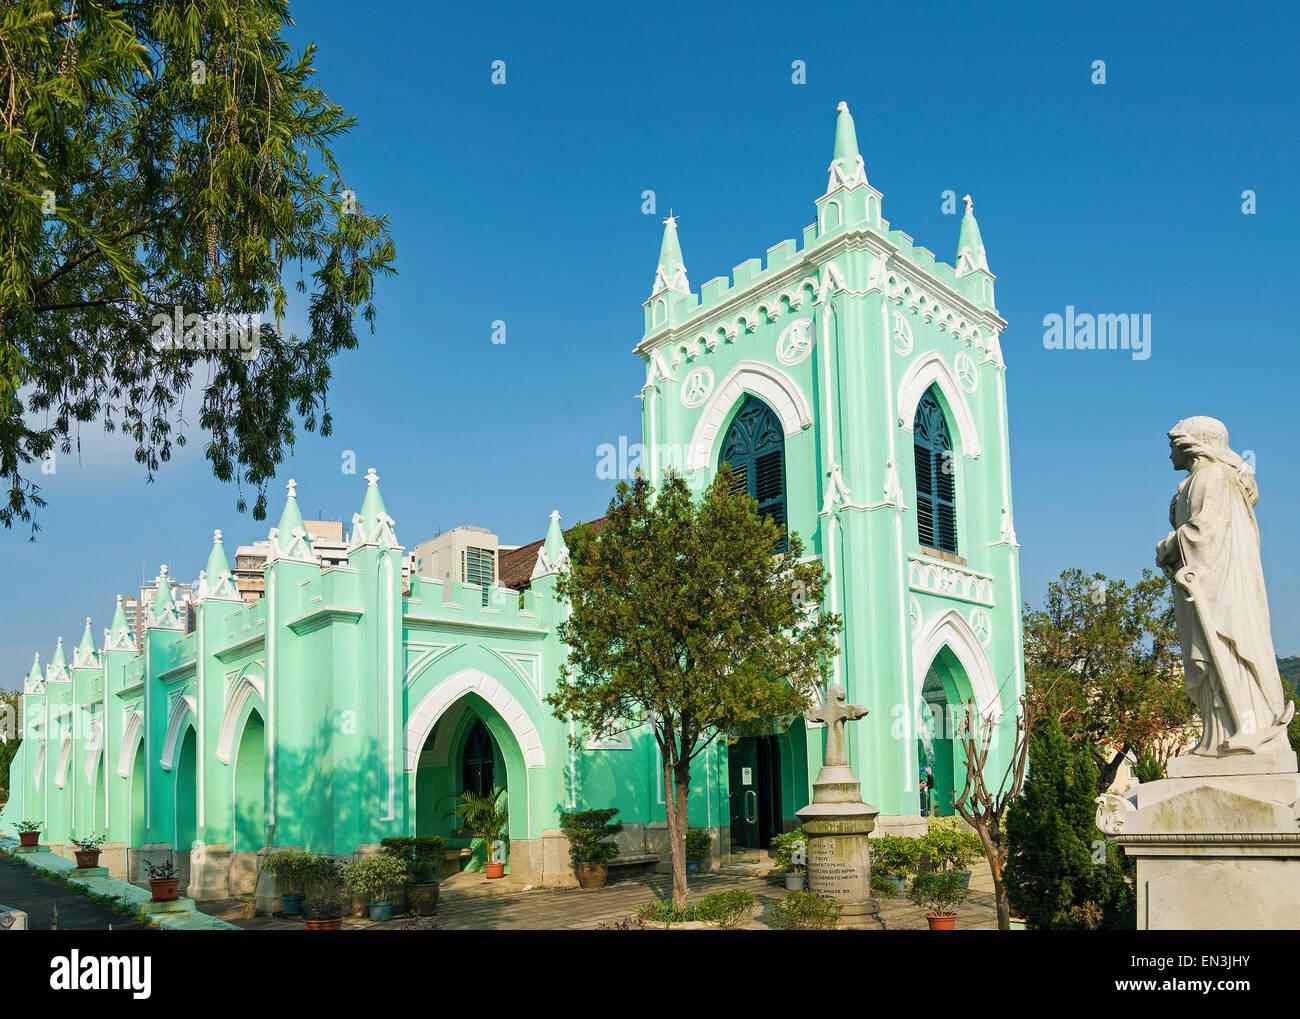 St Michael portoghese cimitero cristiano chiesa in Macau Macao Cina Immagini Stock